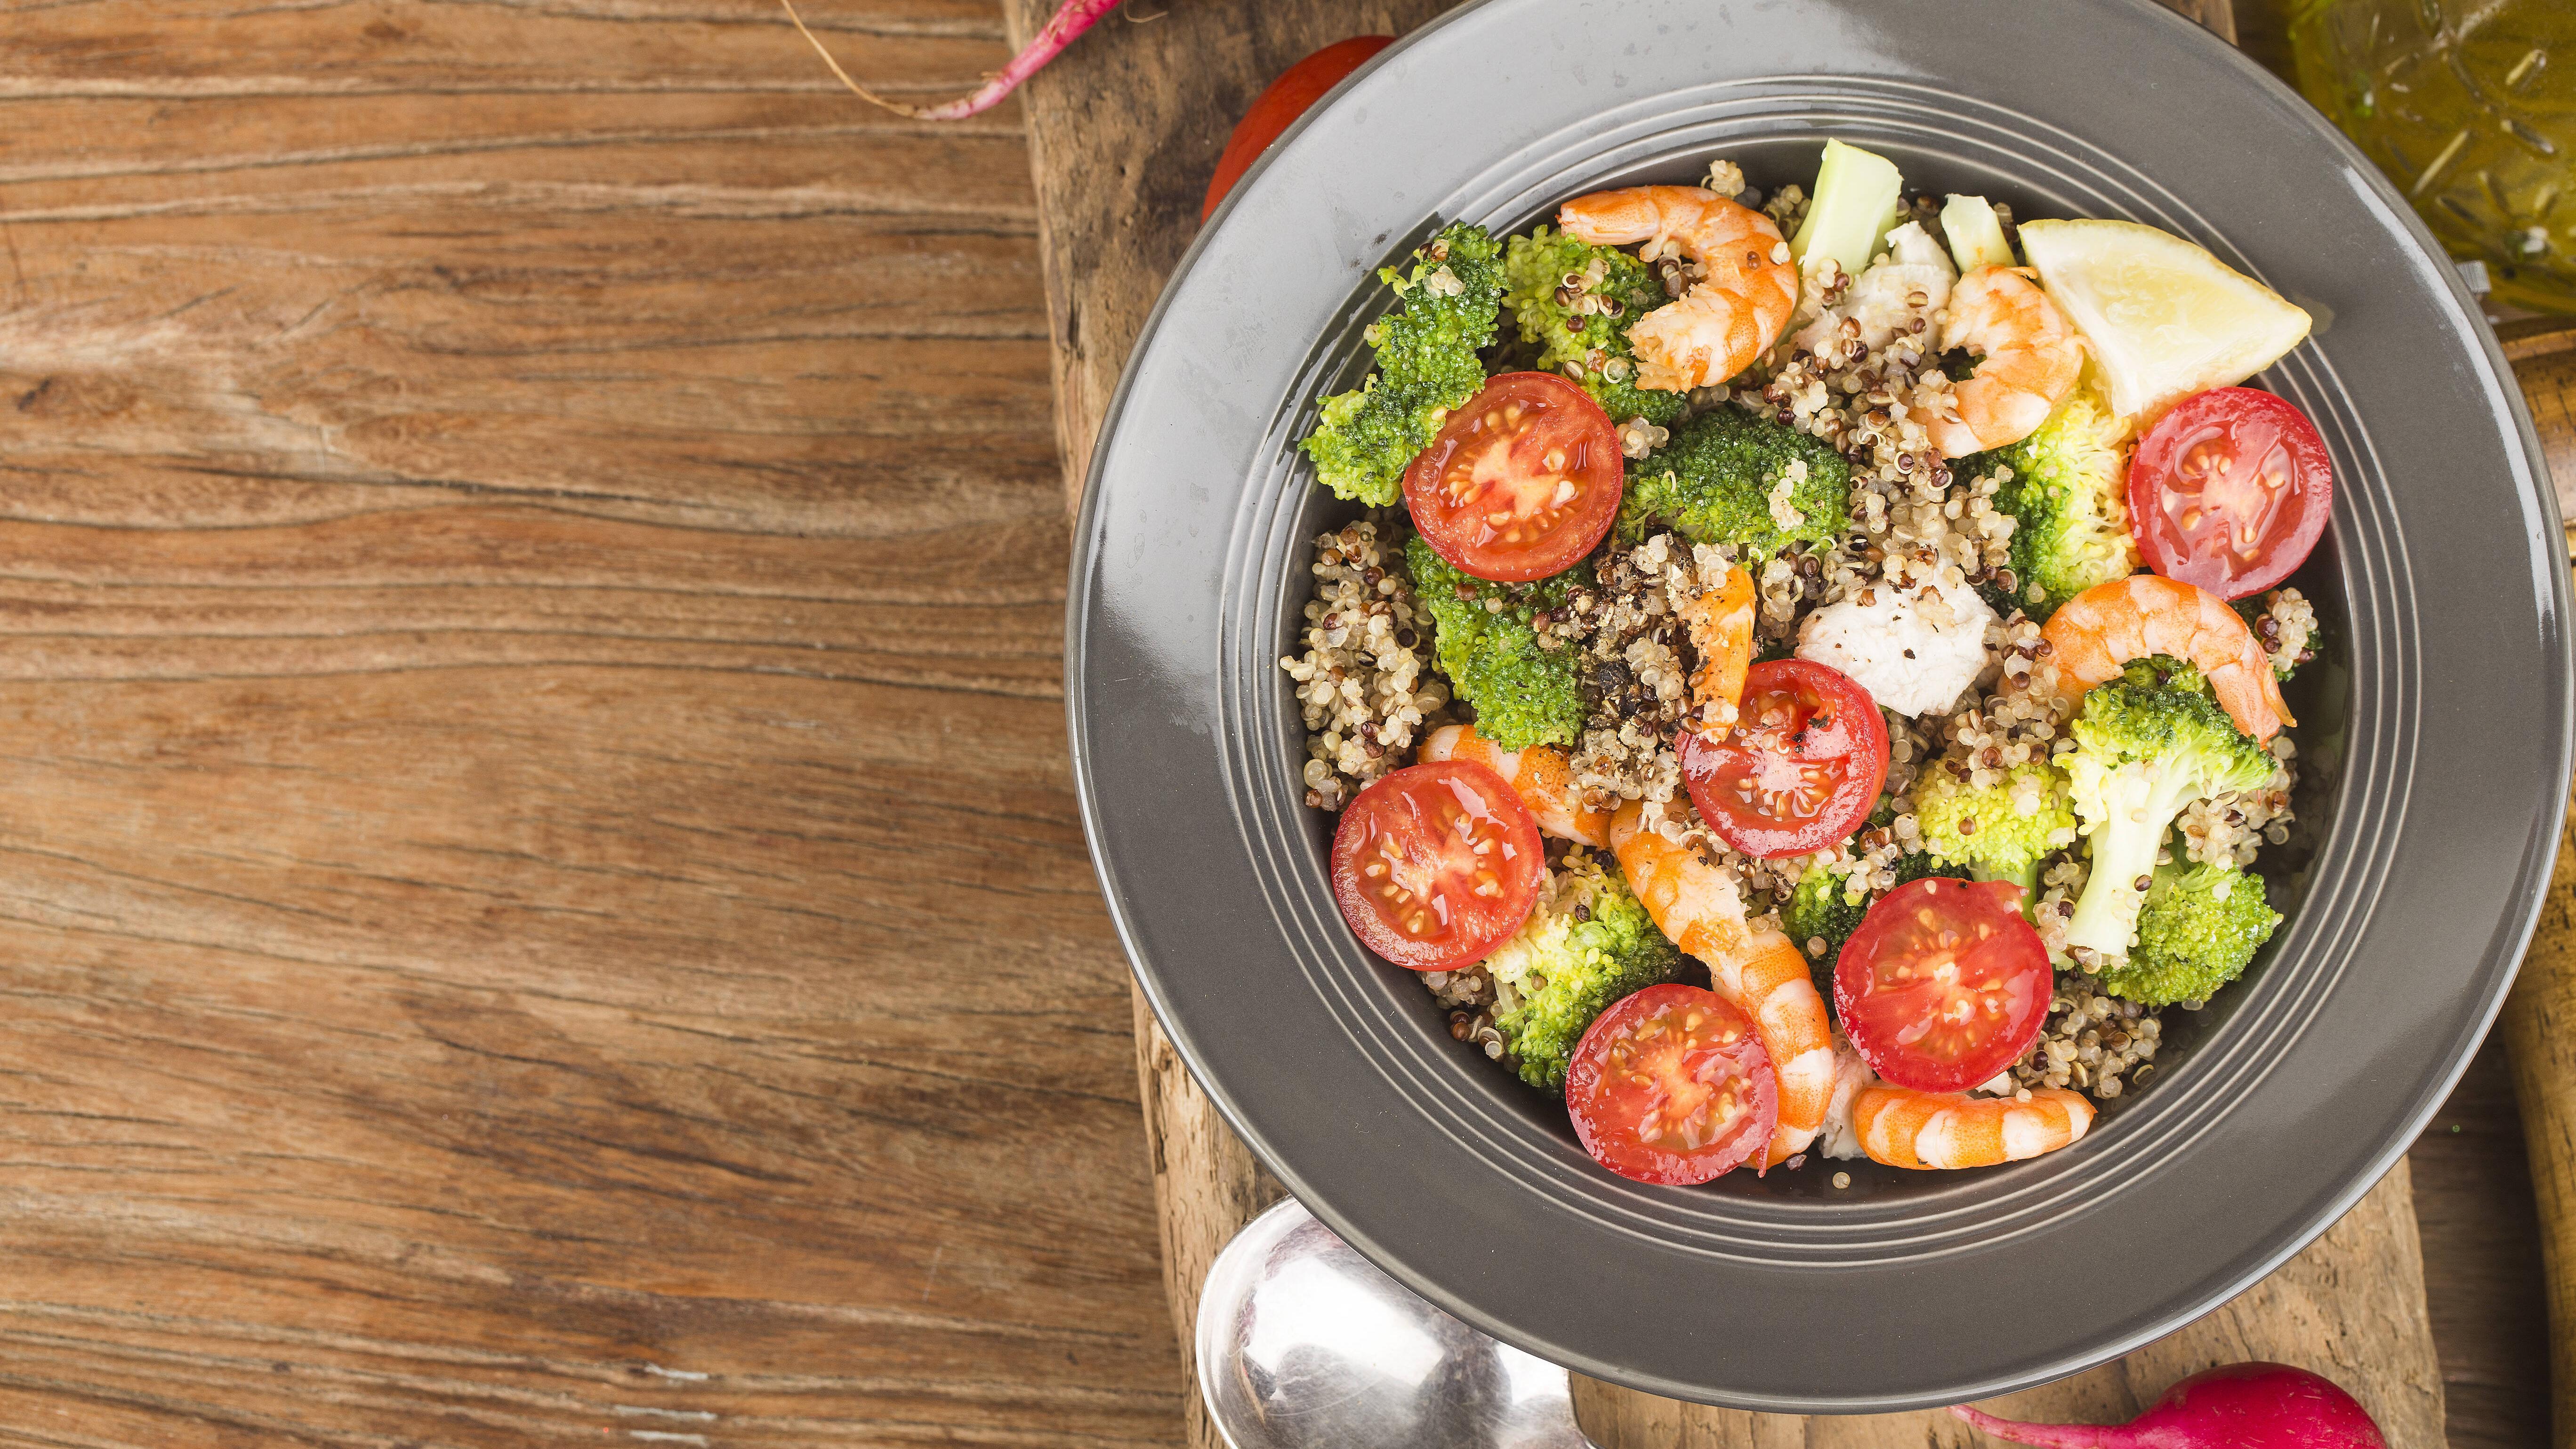 Die Low-Fat-Diät setzt auf Kohlenhydrate, Gemüse und mageres Fleisch oder Fisch.